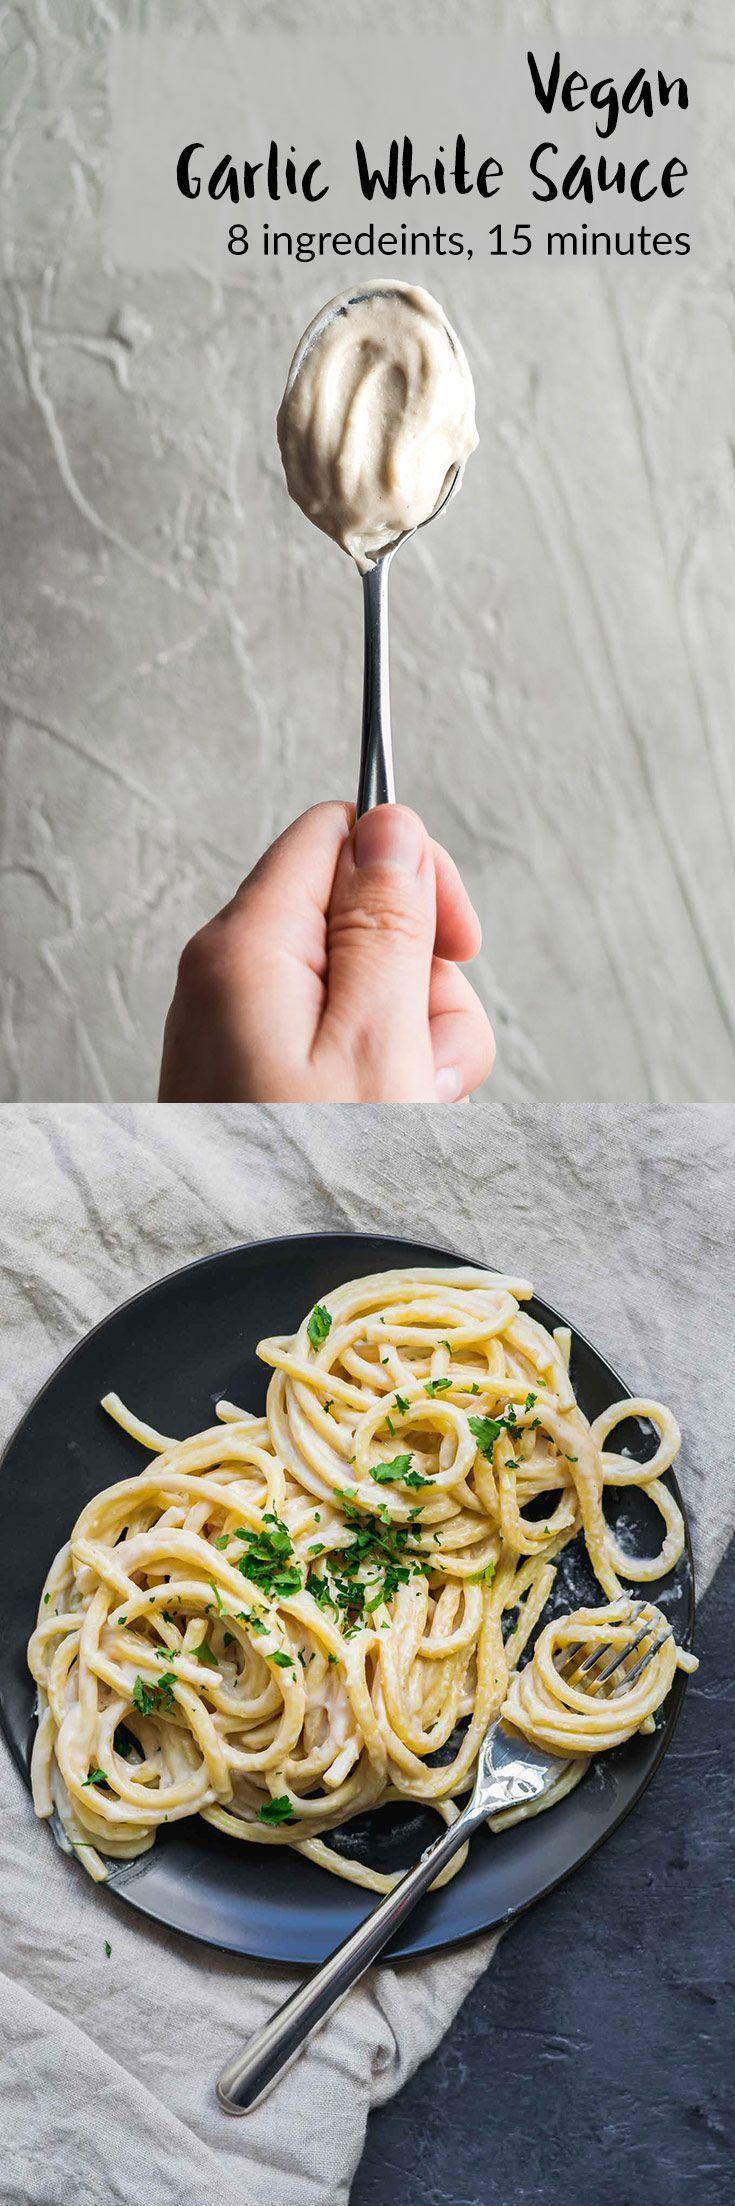 Vegan Garlic White Sauce Recipe Vegan Dishes Vegan Sauces Vegan Recipes